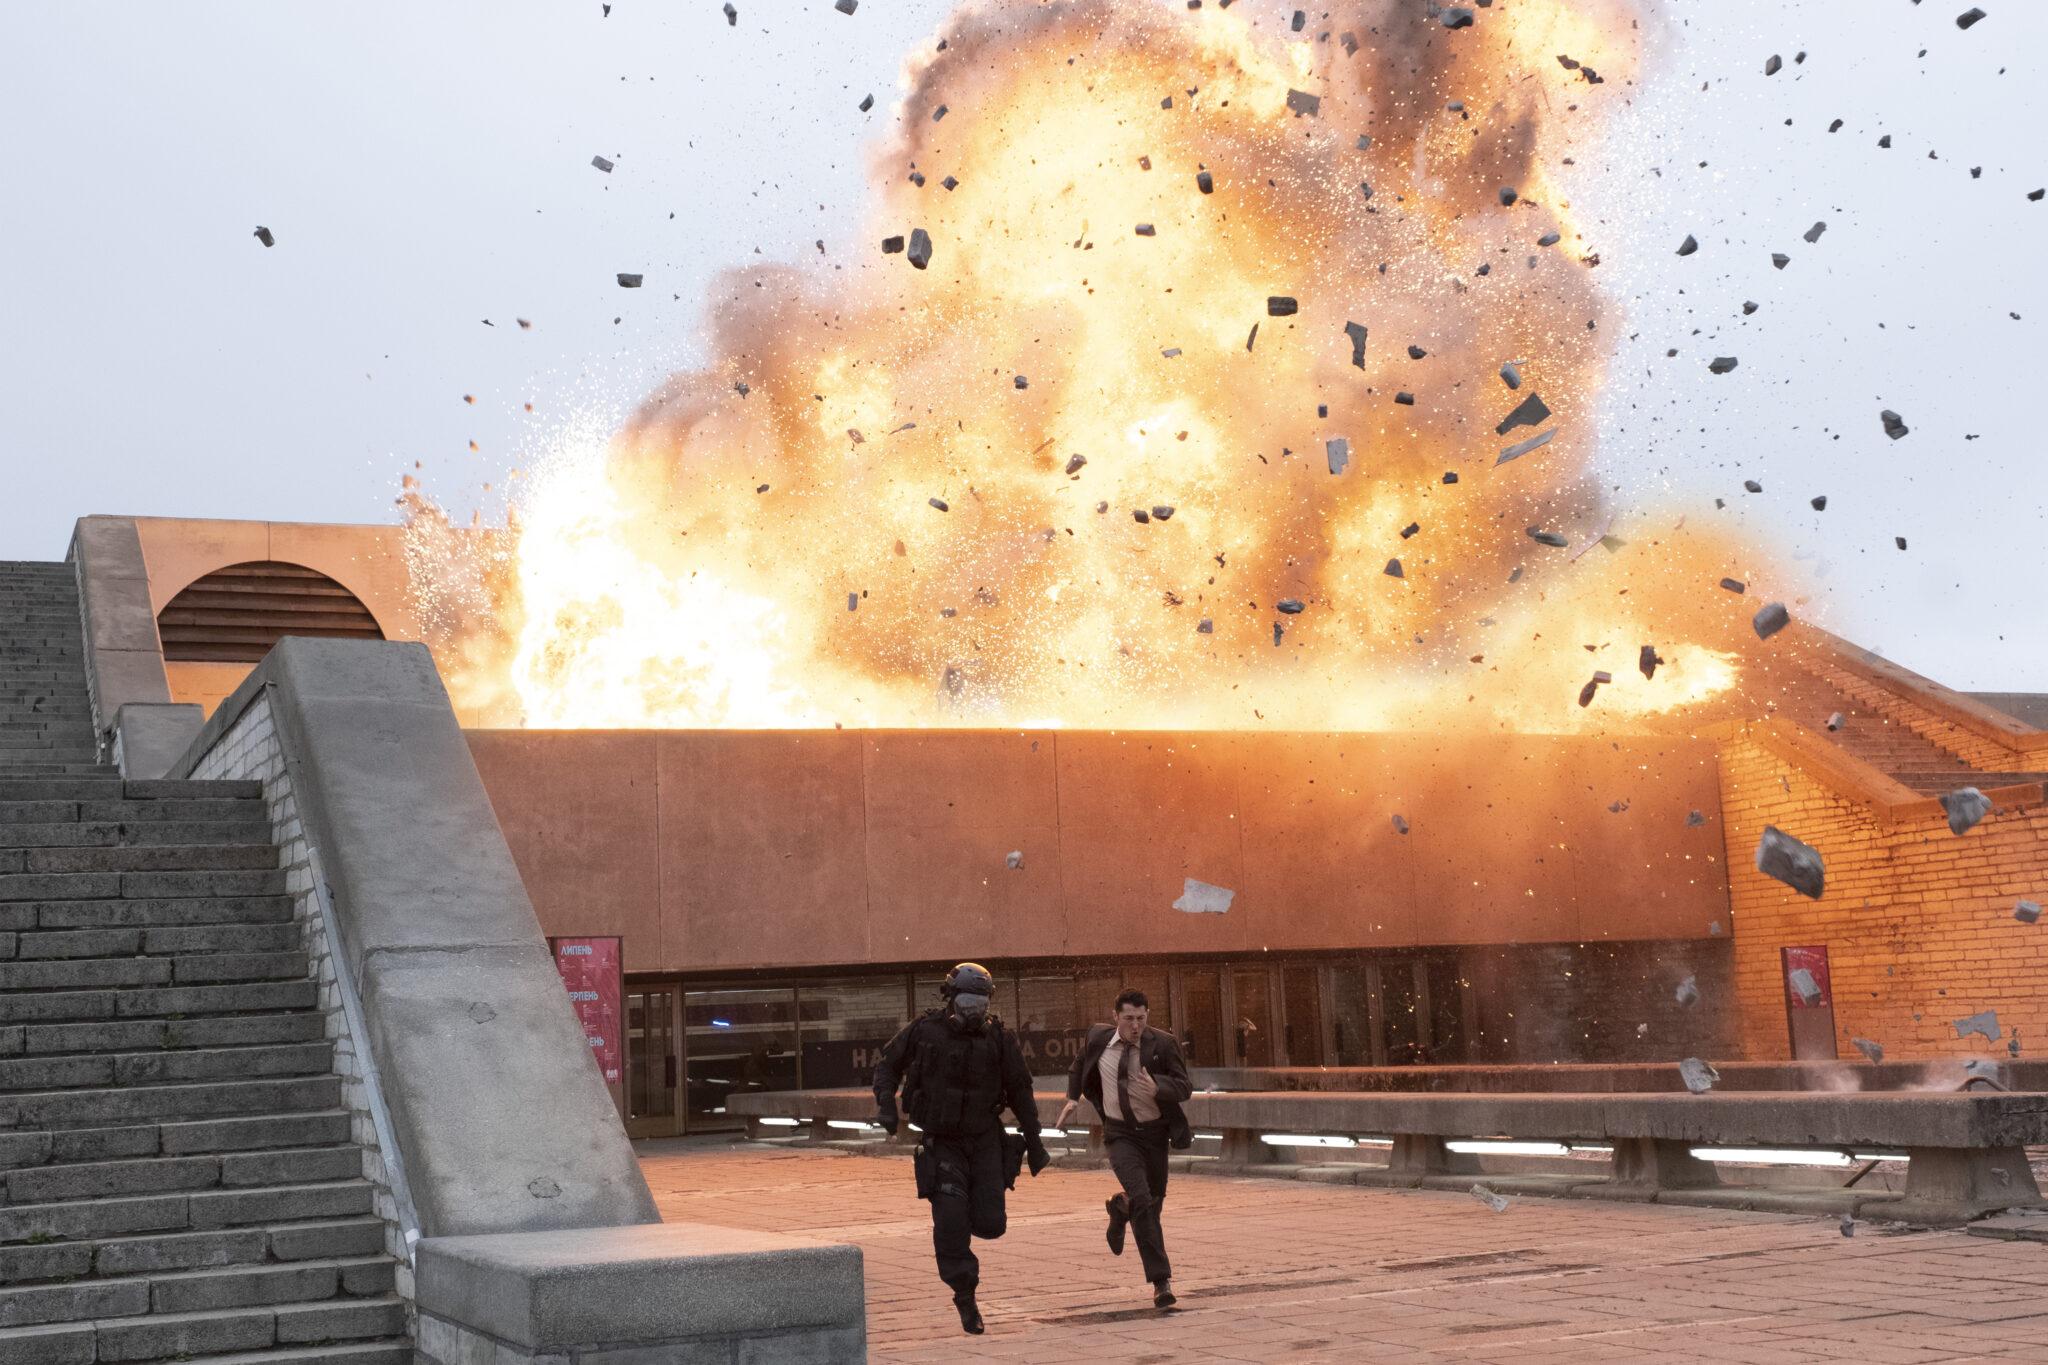 Zwei Männer rennen aus einem brennenden Gebäude